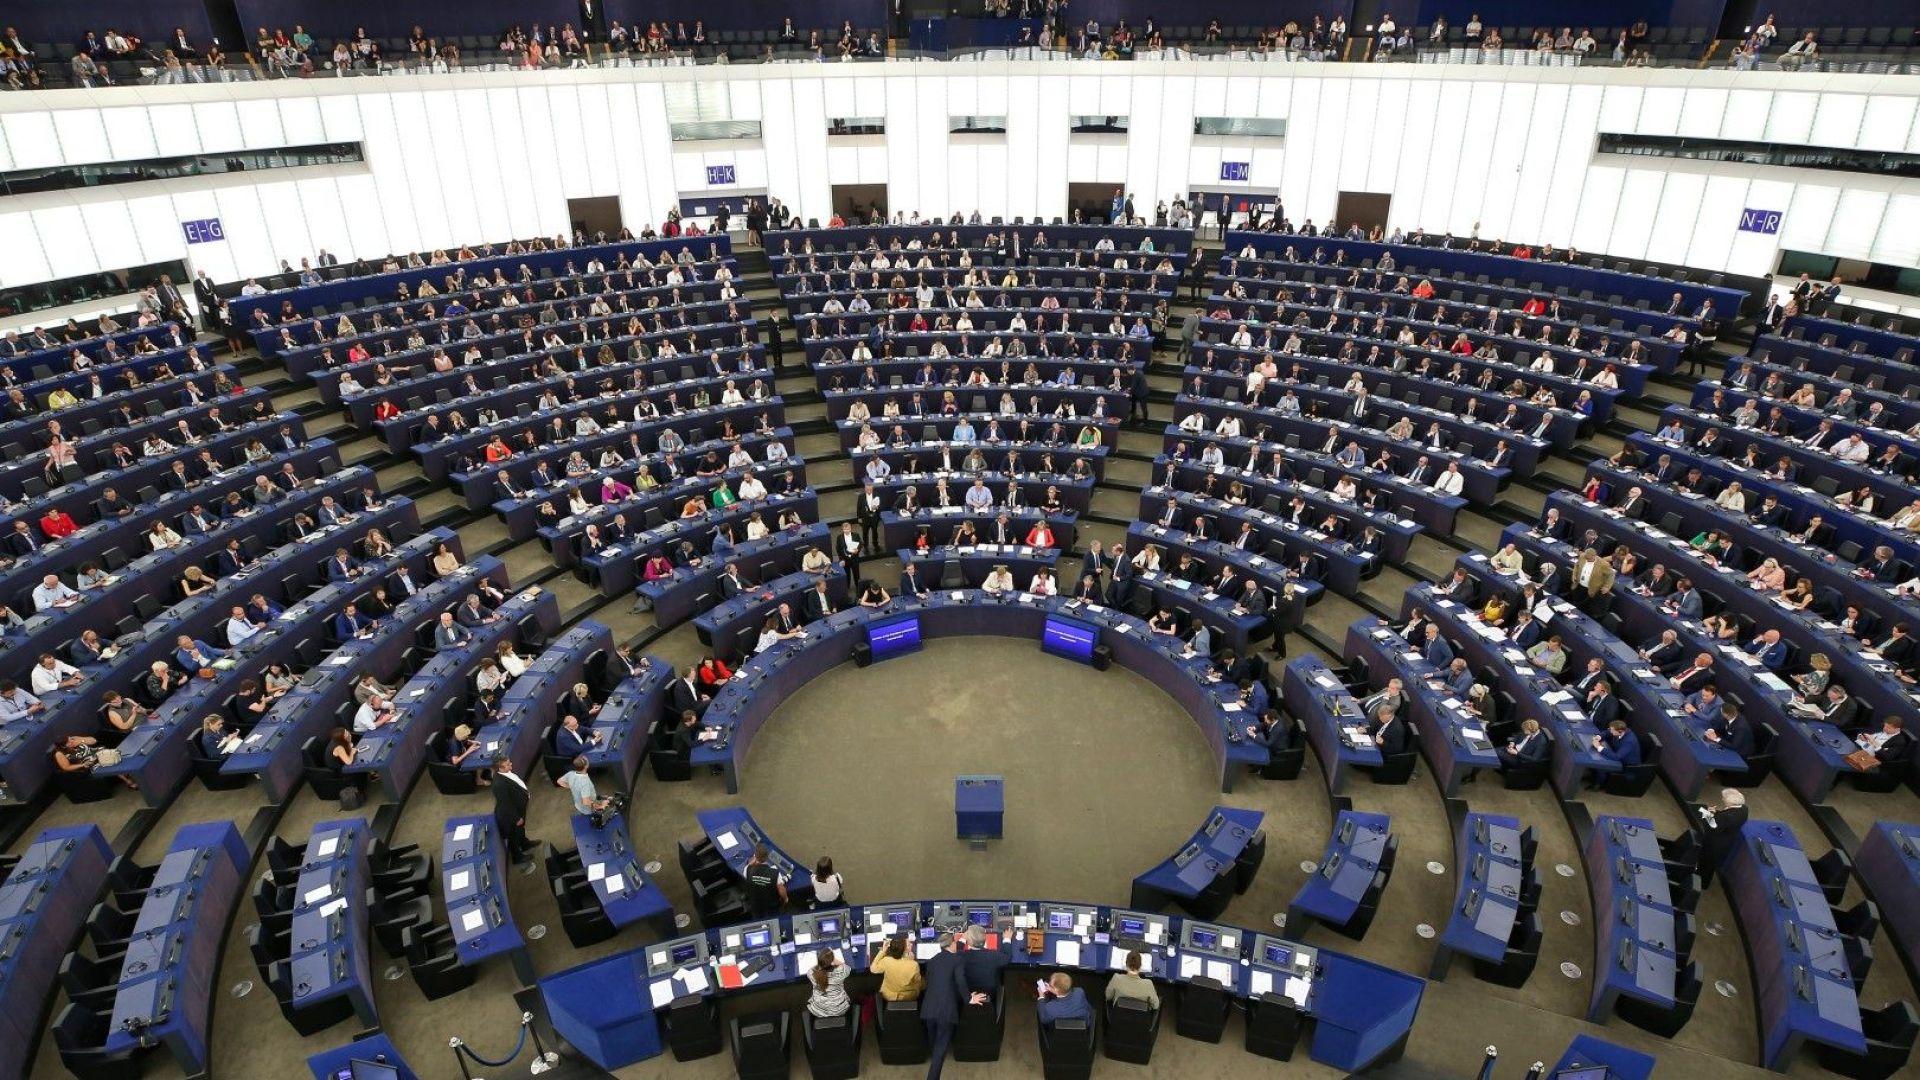 Първи изявления в ЕП: Всички групи се обявиха против пазарлъците за подялба на висшите постове в ЕС